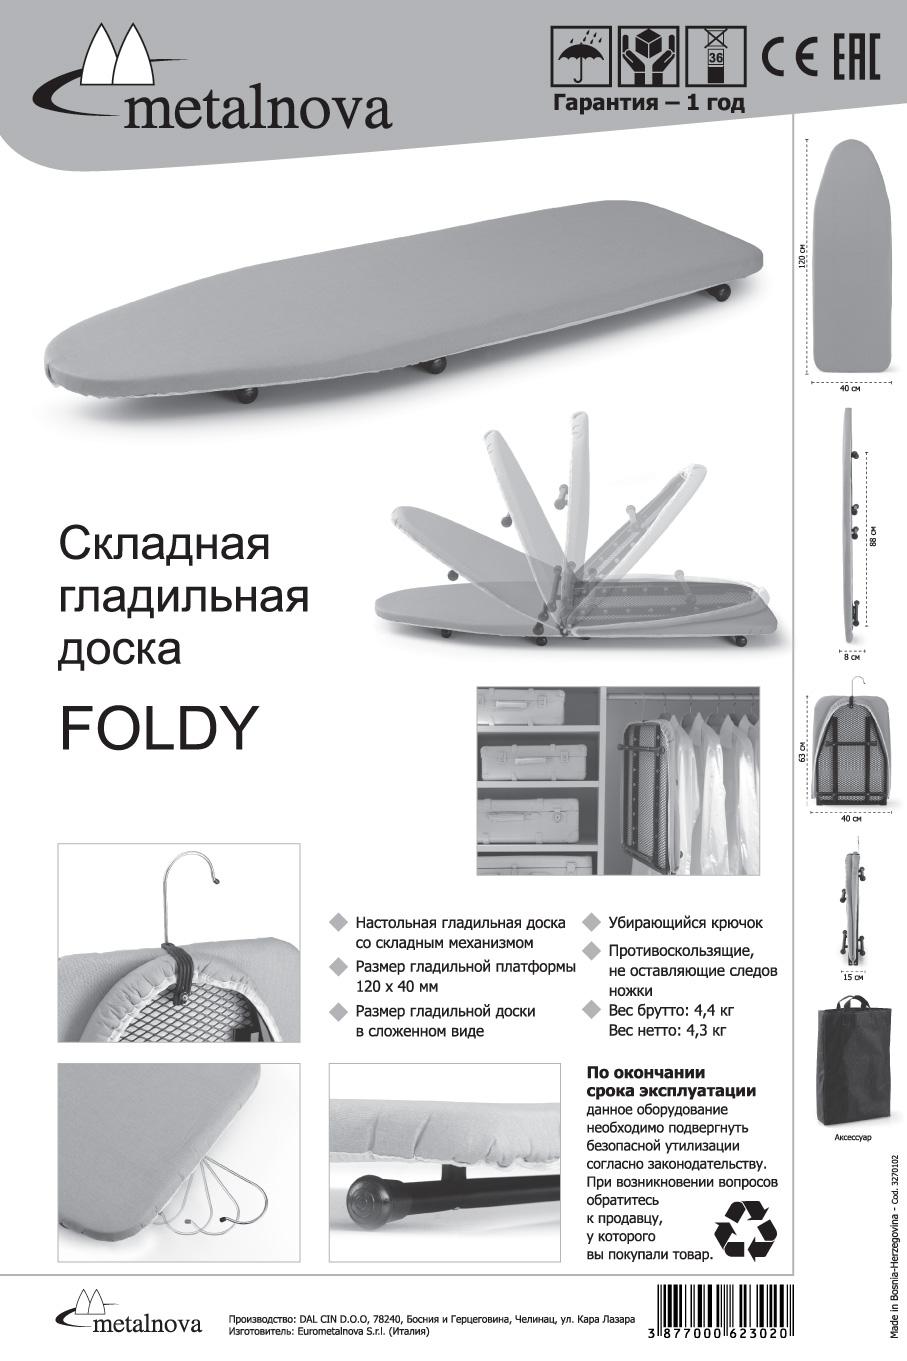 Складная гладильная доска Foldy